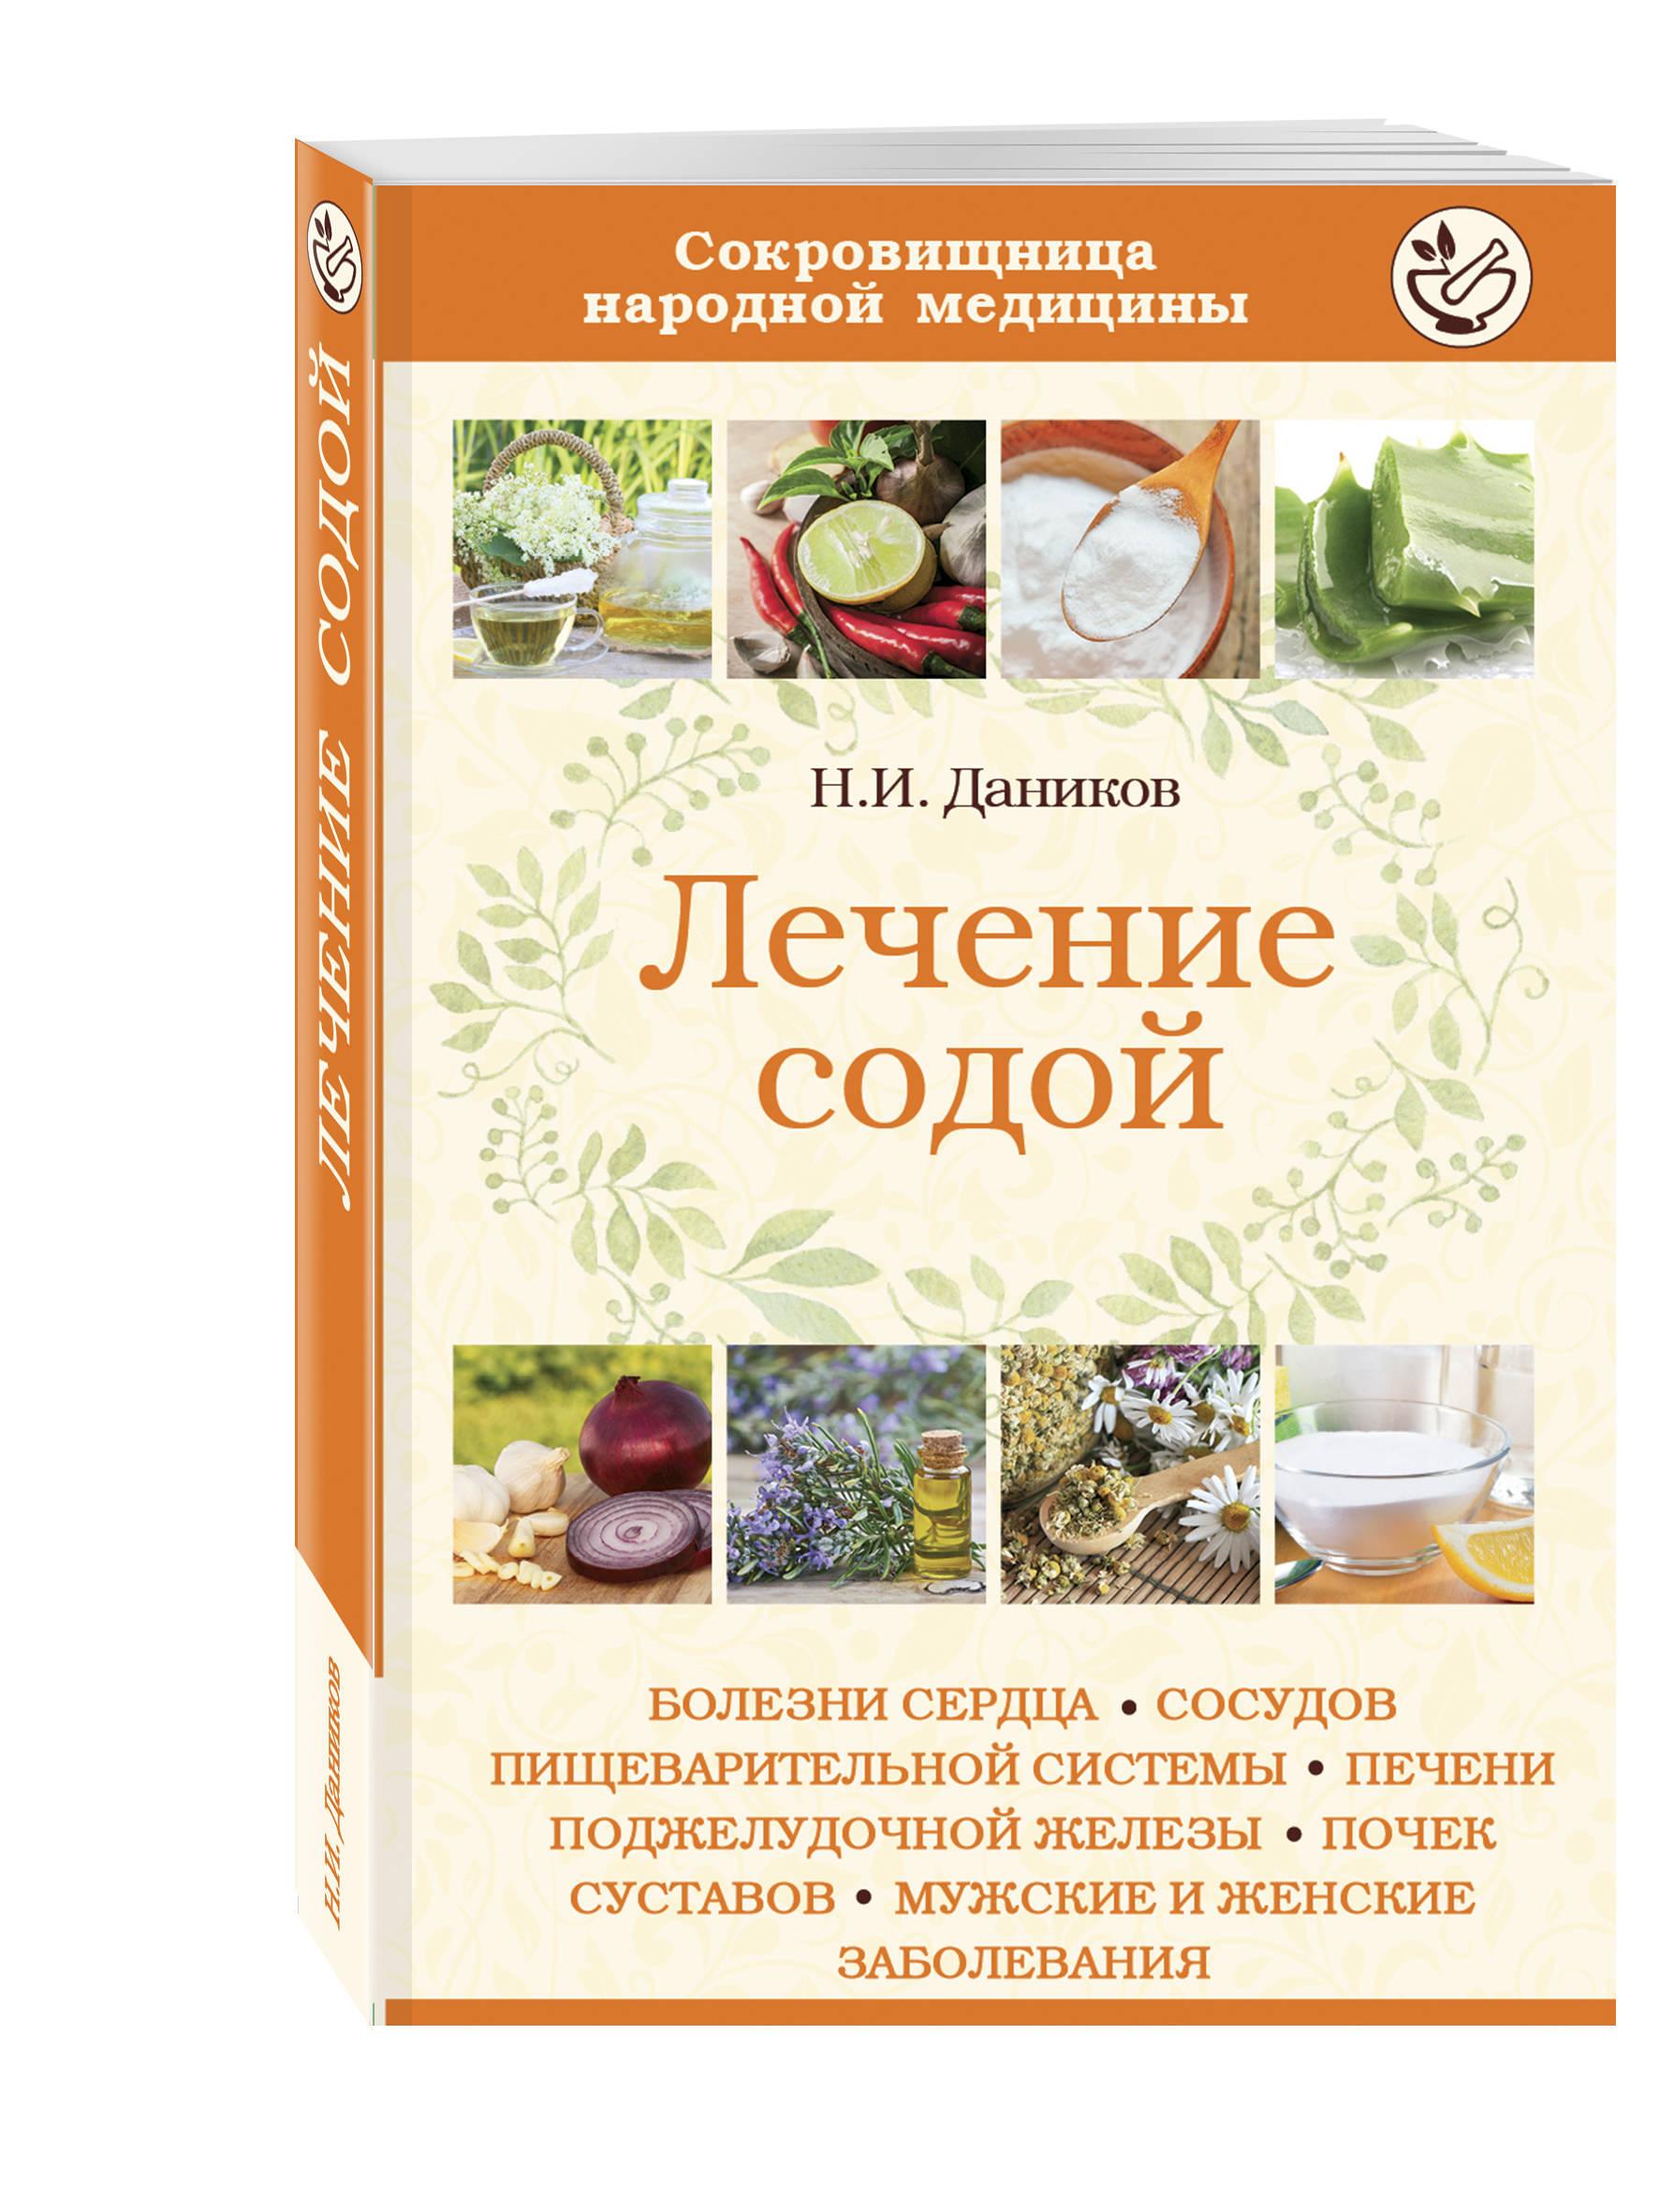 Фото - Даников Н.И. Лечение содой даников николай илларионович целебные травы от подагры и других заболеваний